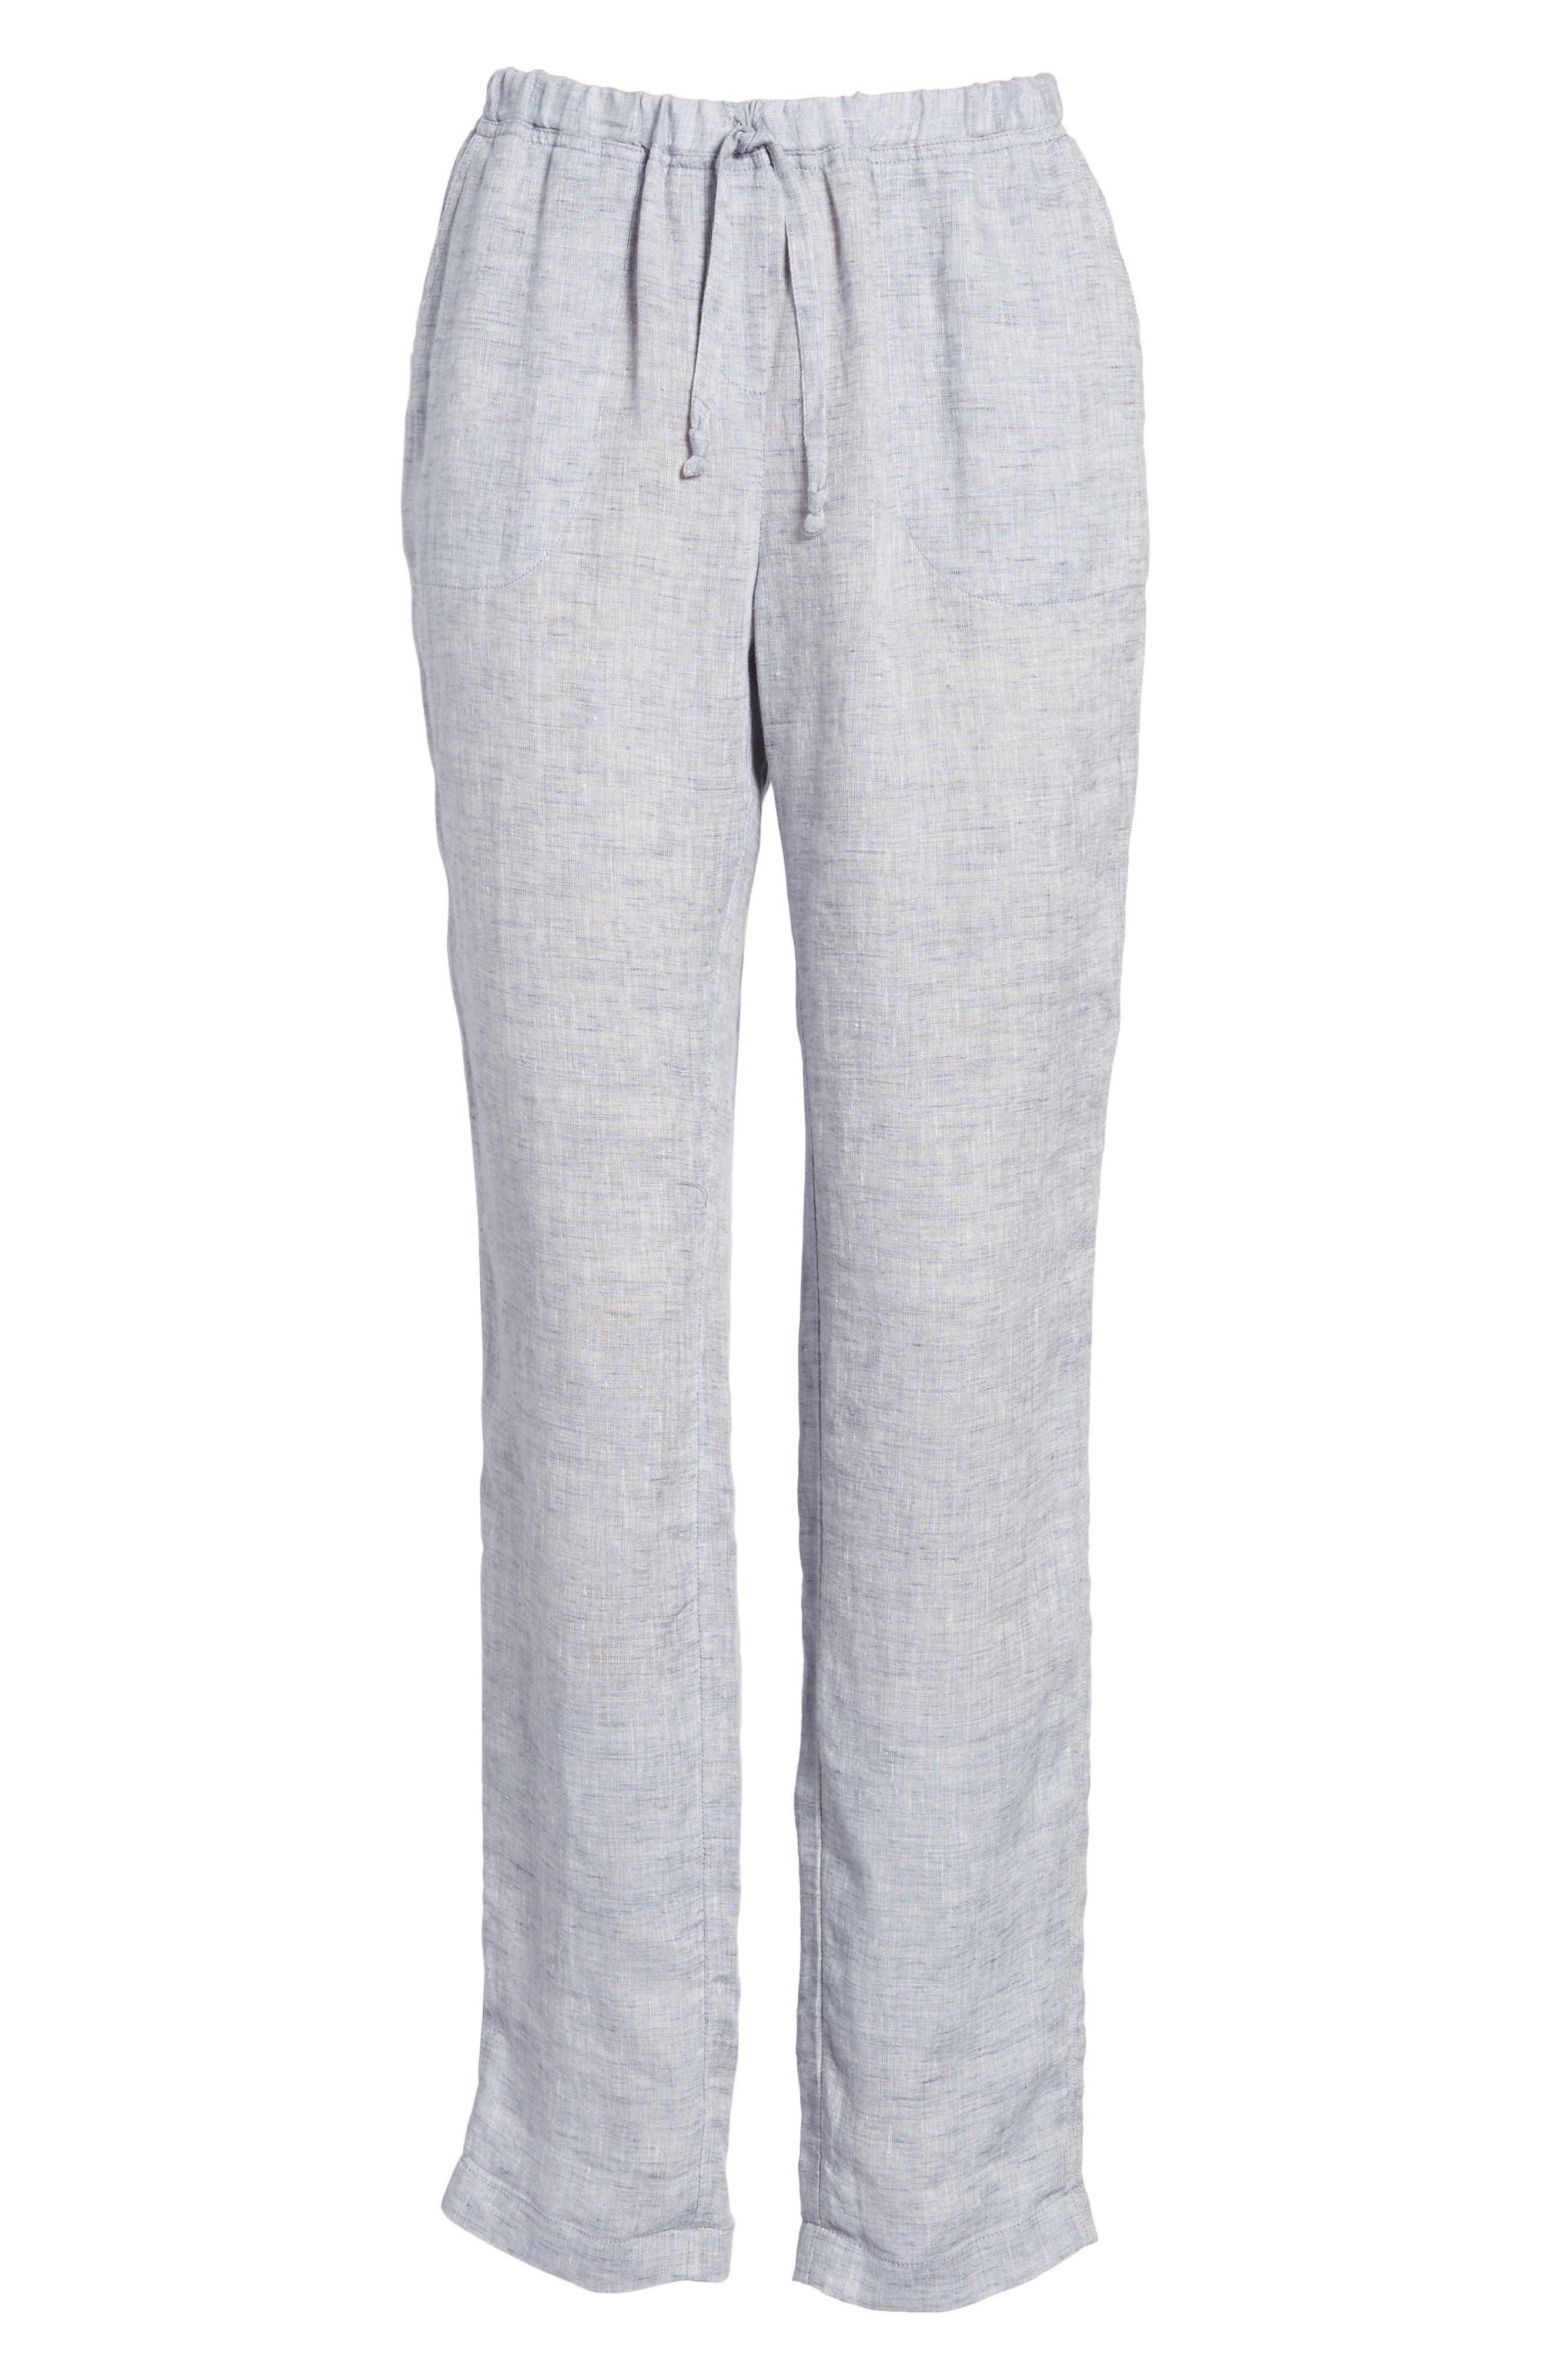 Laid Back Linen Pants,                             Alternate thumbnail 7, color,                             420